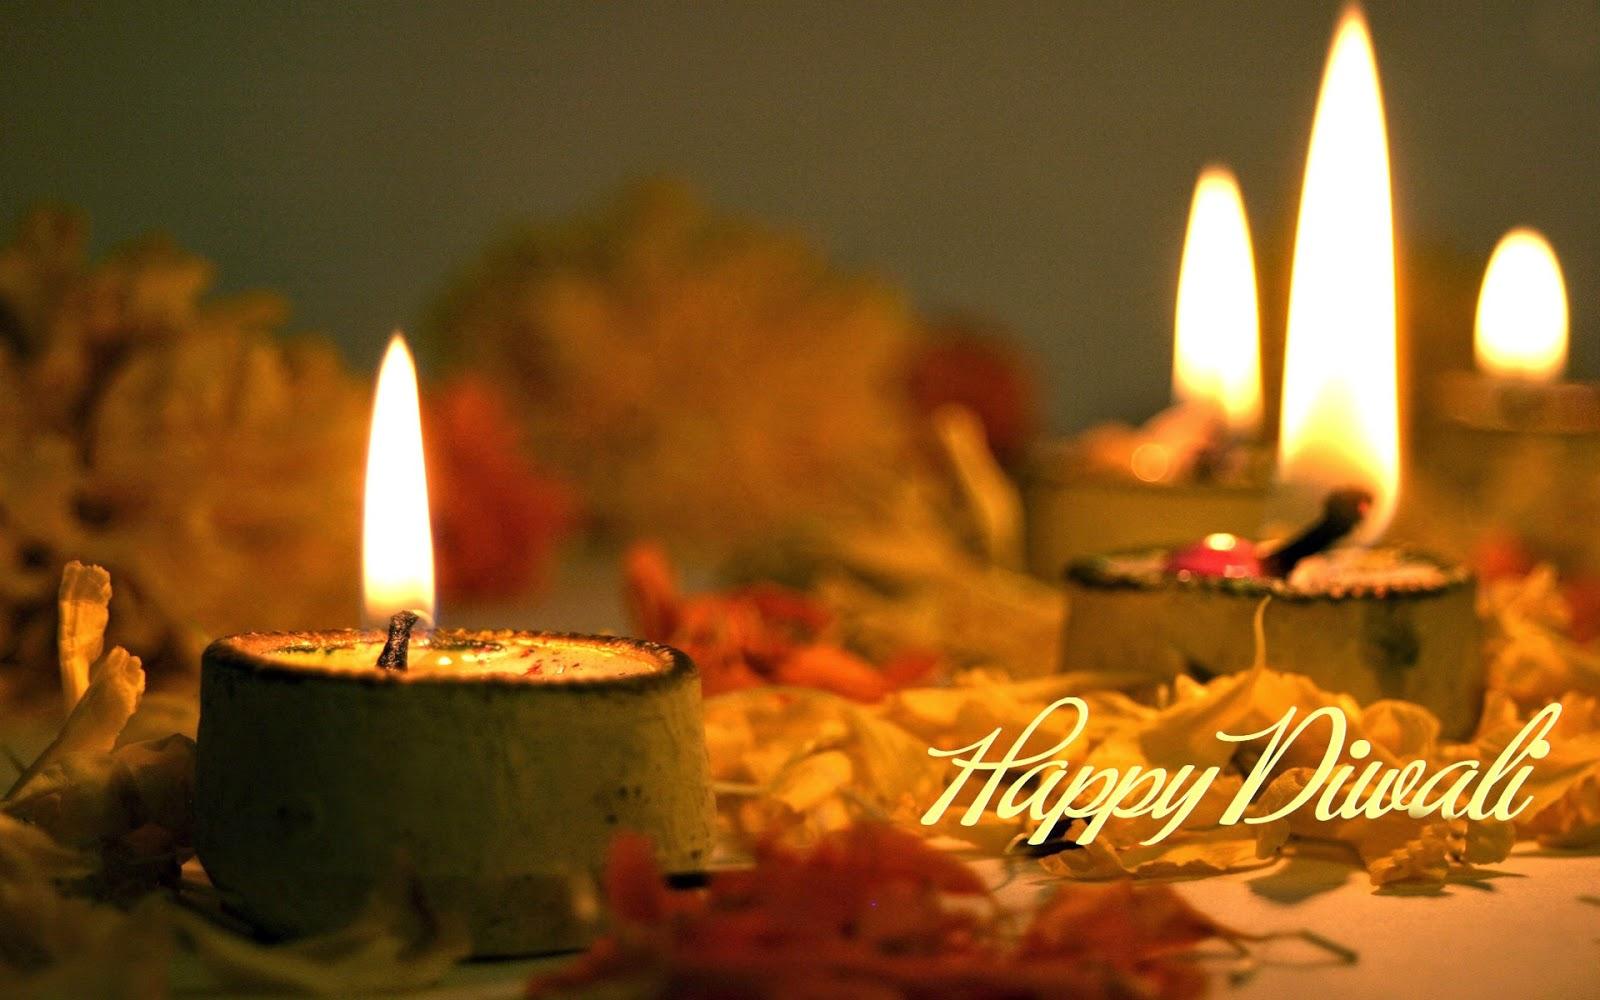 Happy Diwali Badhai Shayari